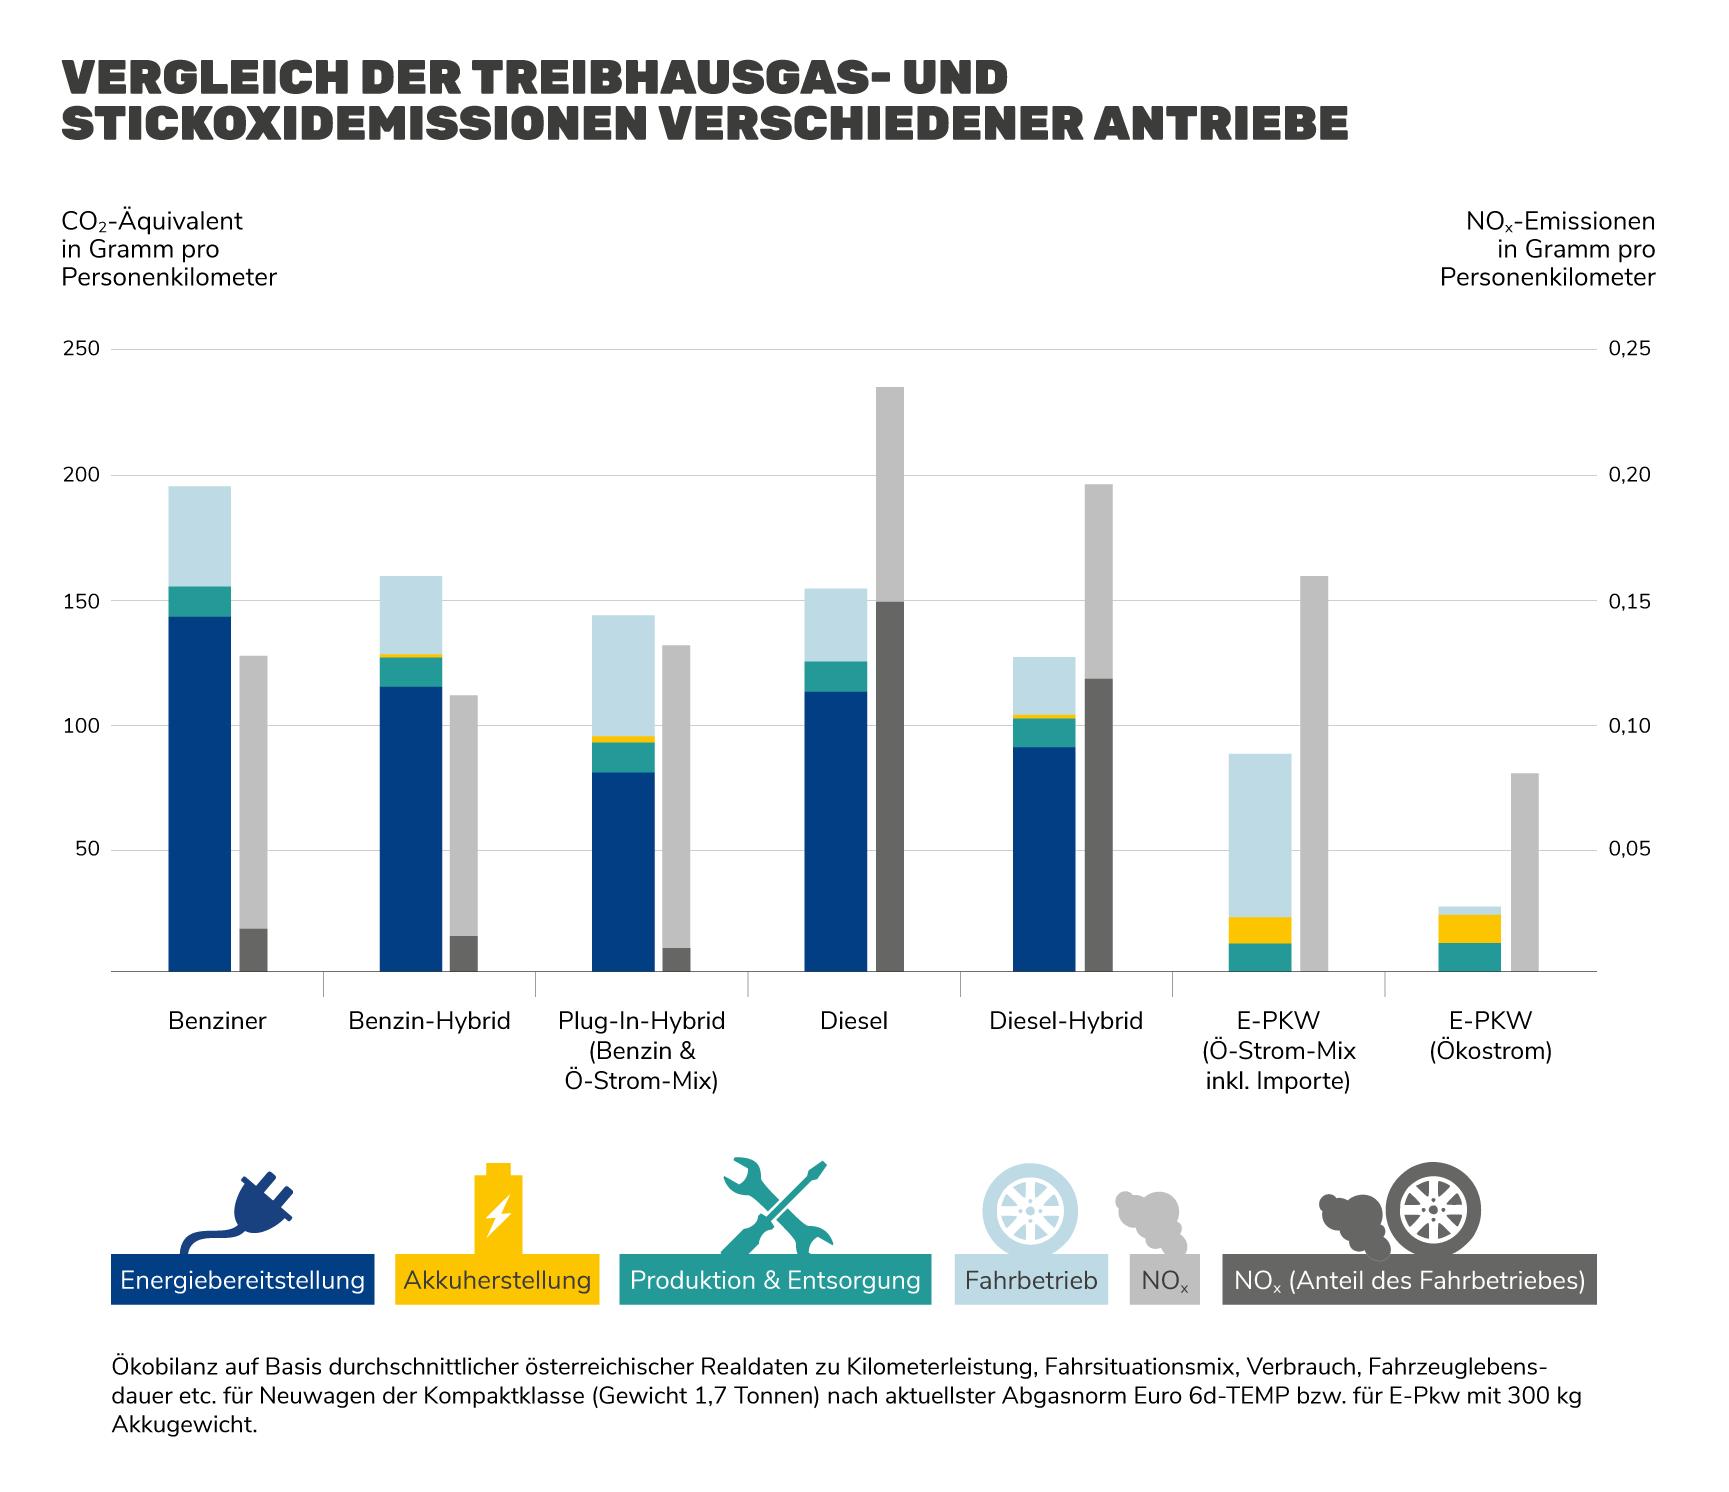 Grafik: PKW Emissionen im Vergleich